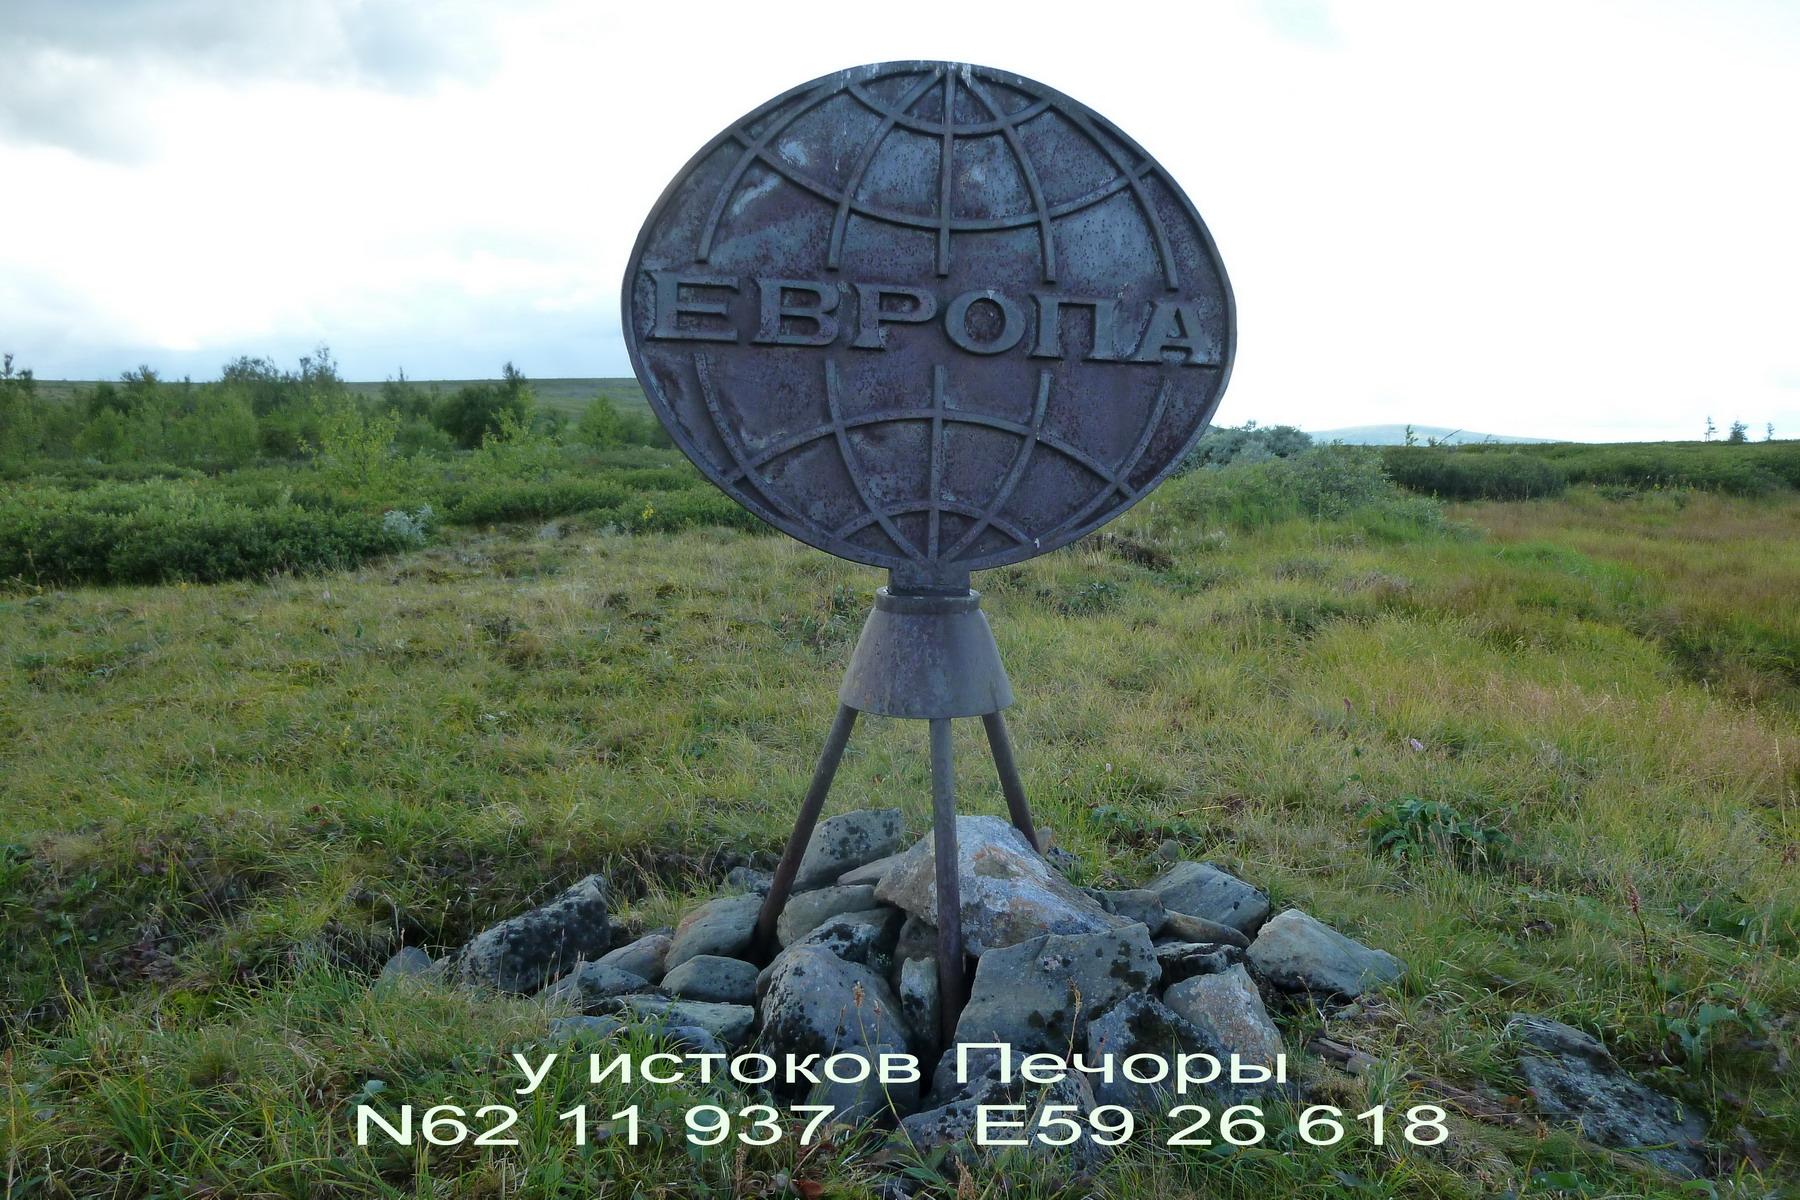 Граница между Европой и Азией: знак у истока Печоры